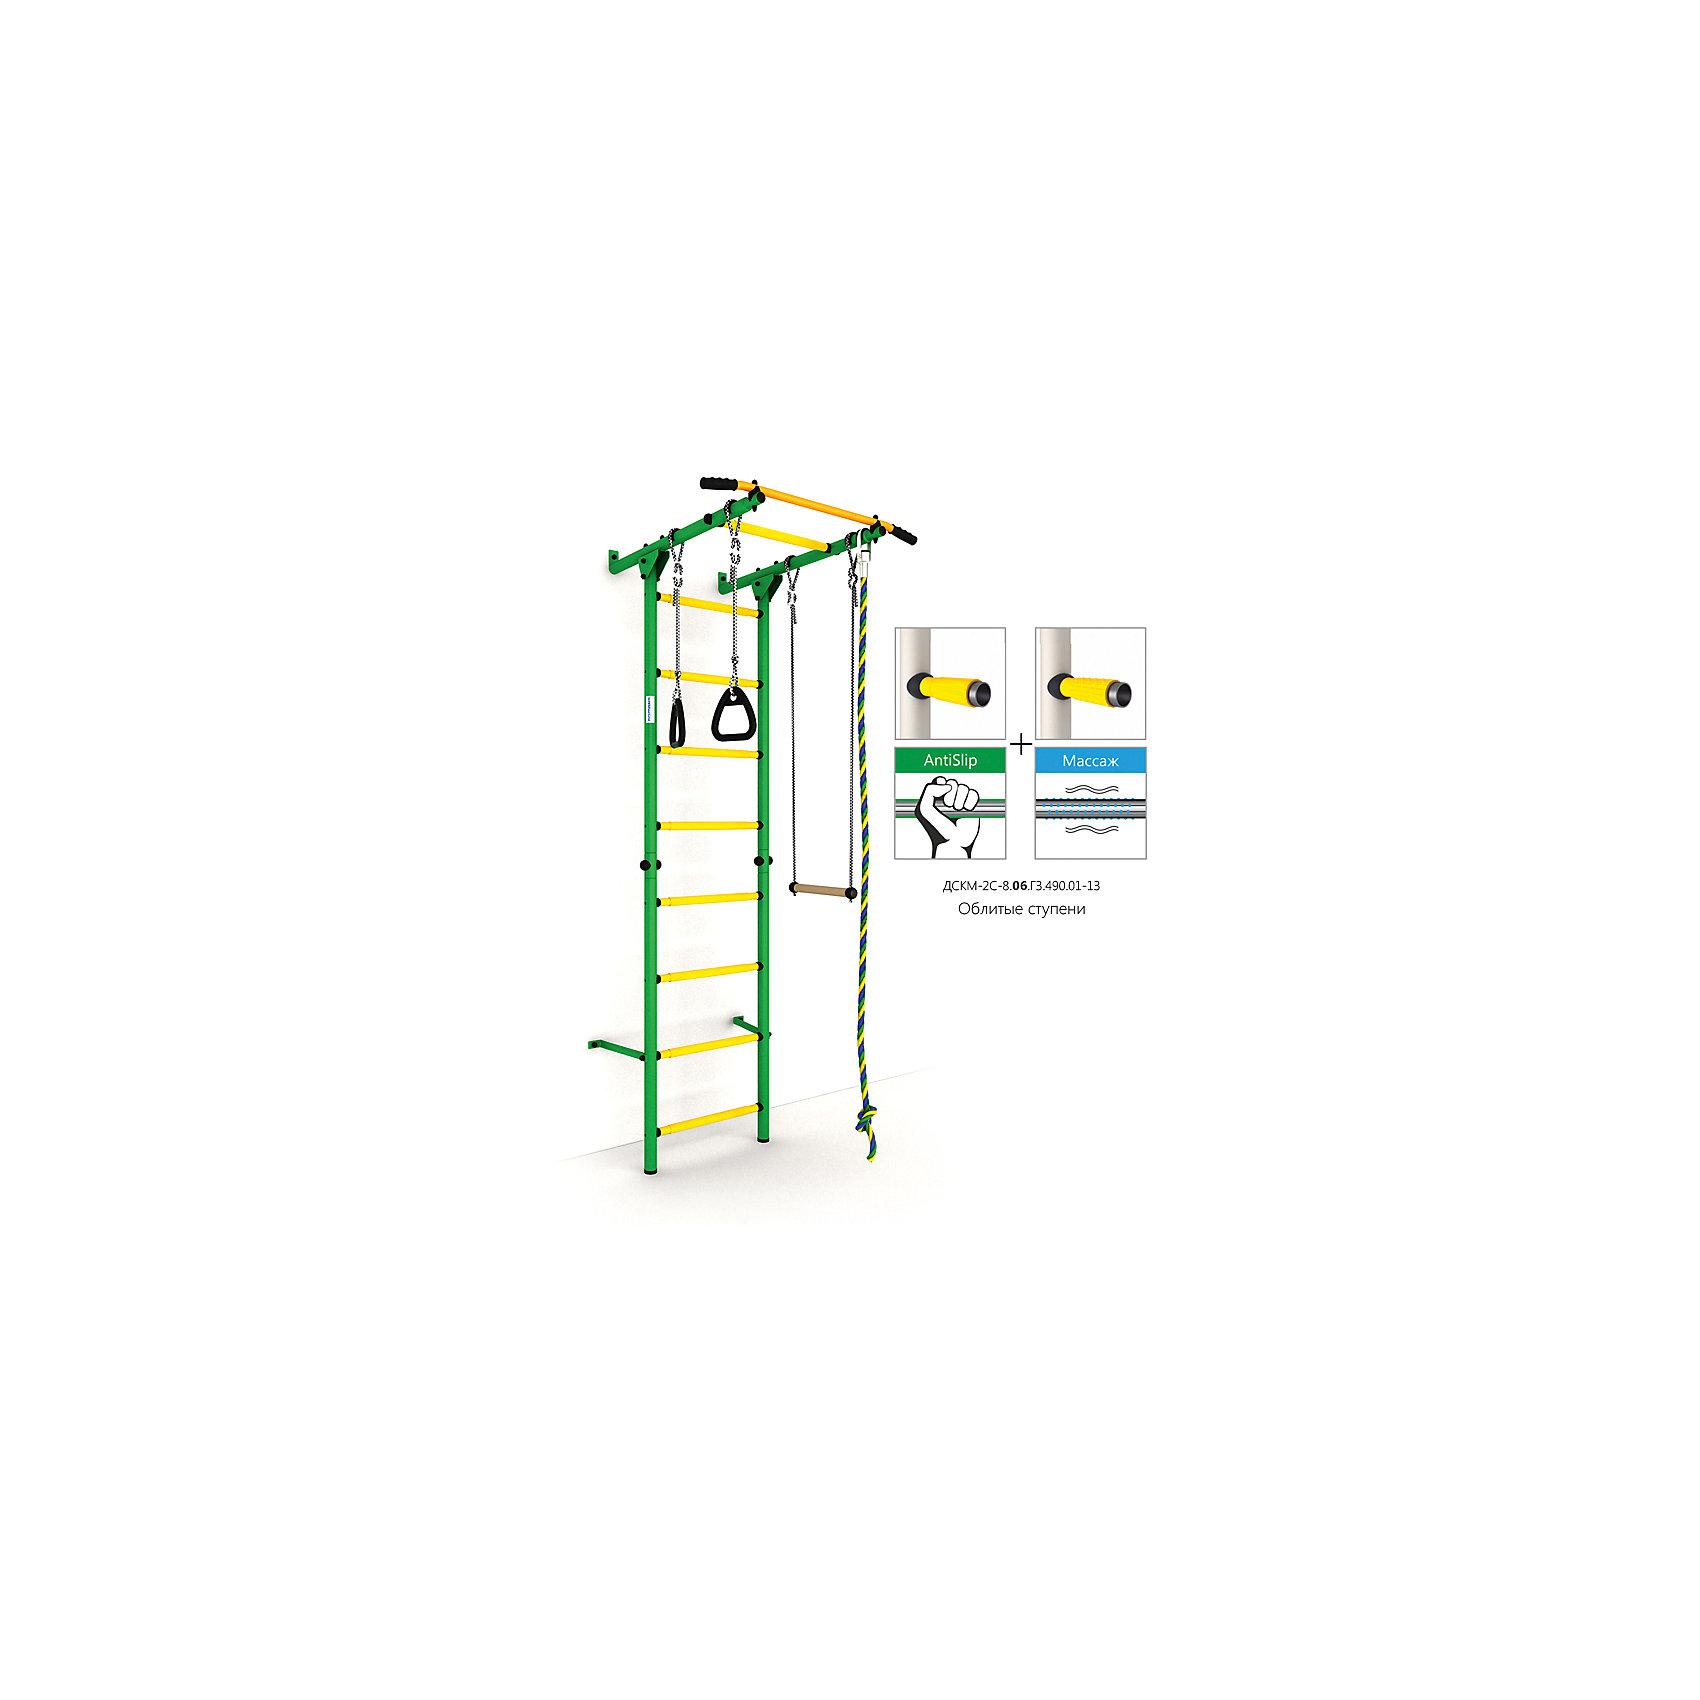 Шведская лестница Карусель S1, зеленый-желтыйШведские стенки<br>Карусель S1 использует внедренную ступень antislip (антискользящая), обеспечивающая более крепкий хват. Микромассажный эффект остальных ступеней помогает развитию общей моторики детей и является профилактикой плоскостопия.<br><br>Ширина мм: 1160<br>Глубина мм: 610<br>Высота мм: 140<br>Вес г: 23000<br>Возраст от месяцев: 36<br>Возраст до месяцев: 192<br>Пол: Унисекс<br>Возраст: Детский<br>SKU: 5251546